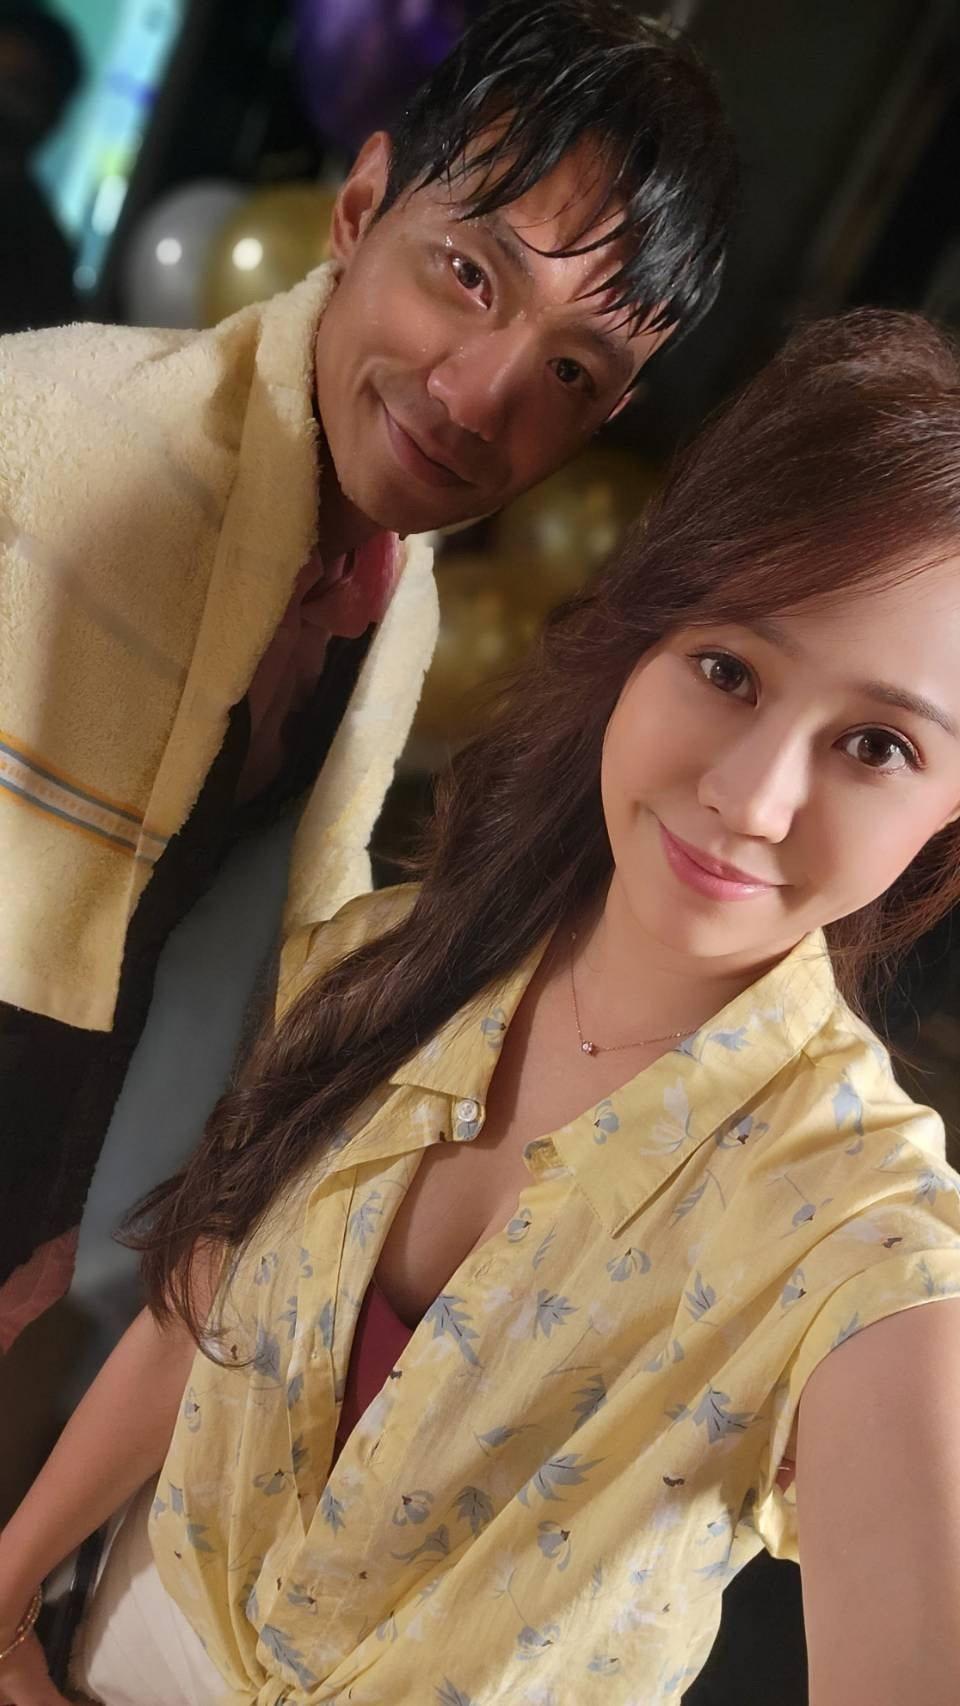 張哲豪(左)、黃露瑤演出「黃金歲月」。圖/民視提供